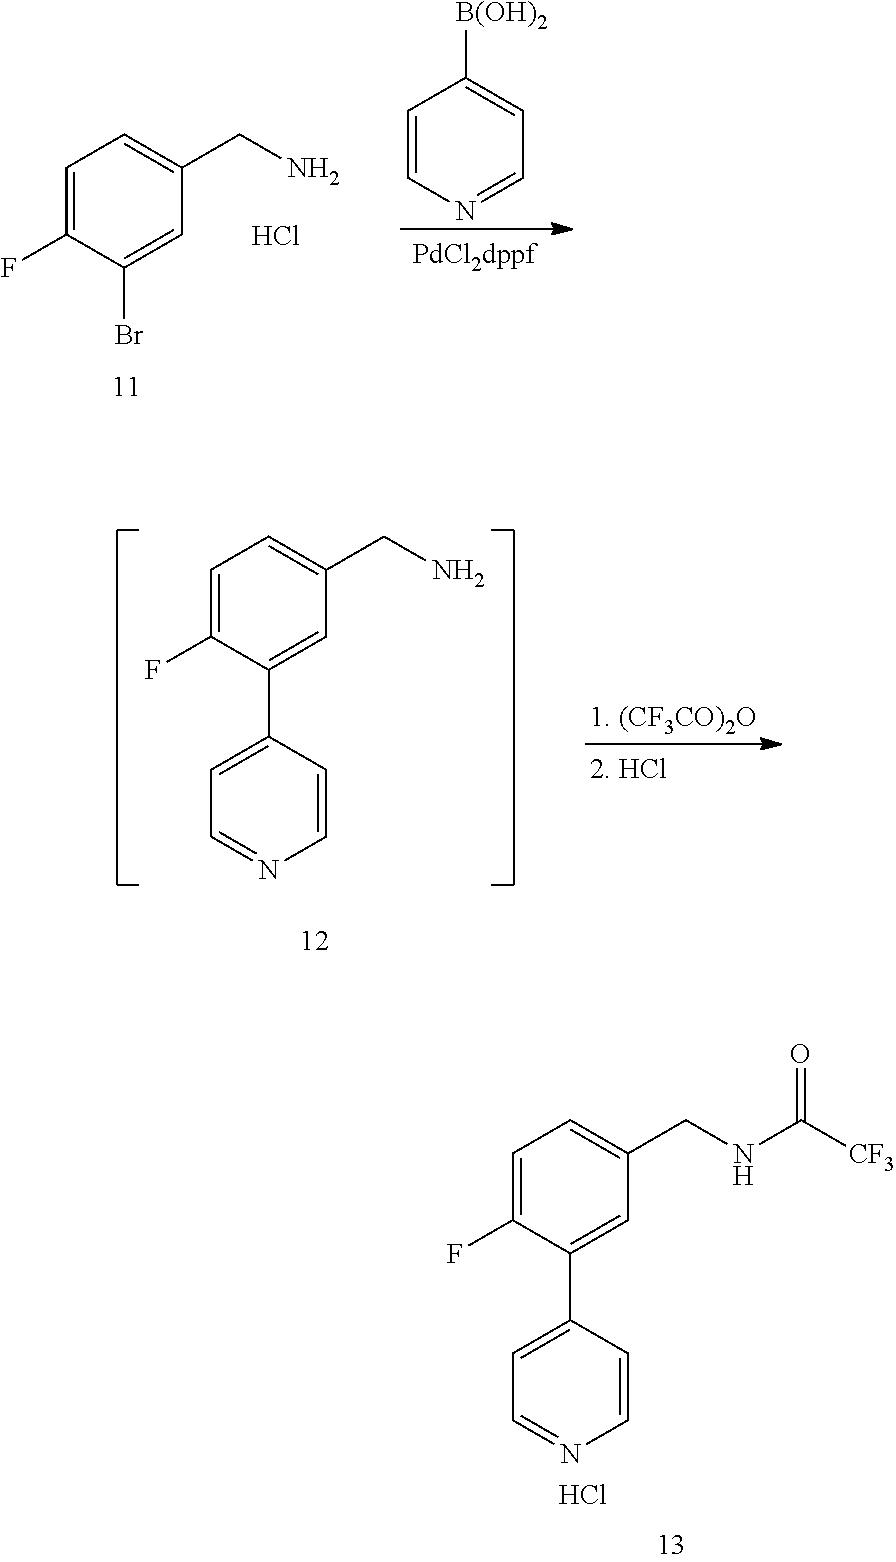 Figure US20110201647A1-20110818-C00022